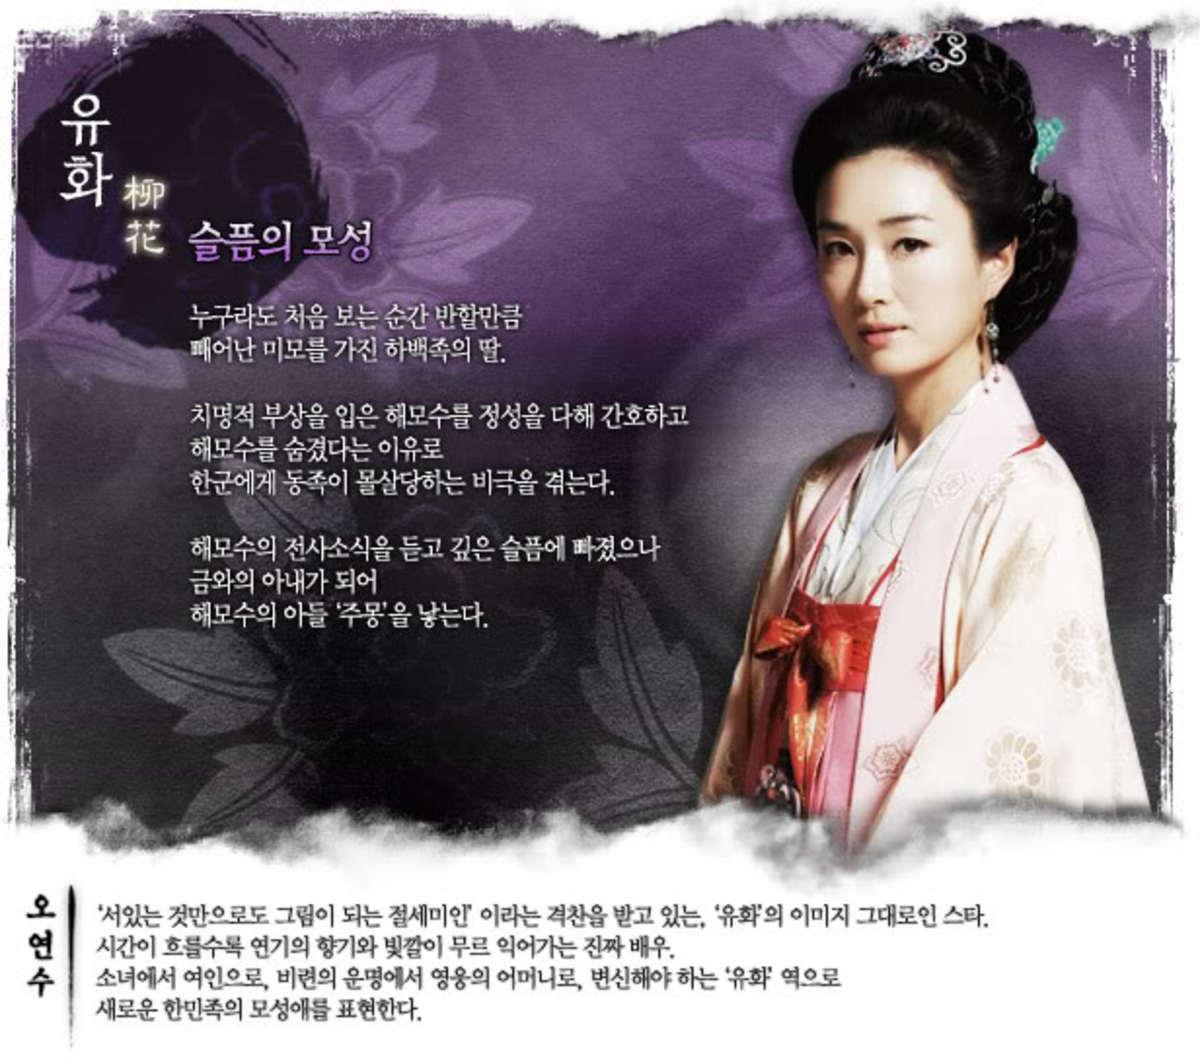 Oh Yeon Soo as Lady Yoo Hwa